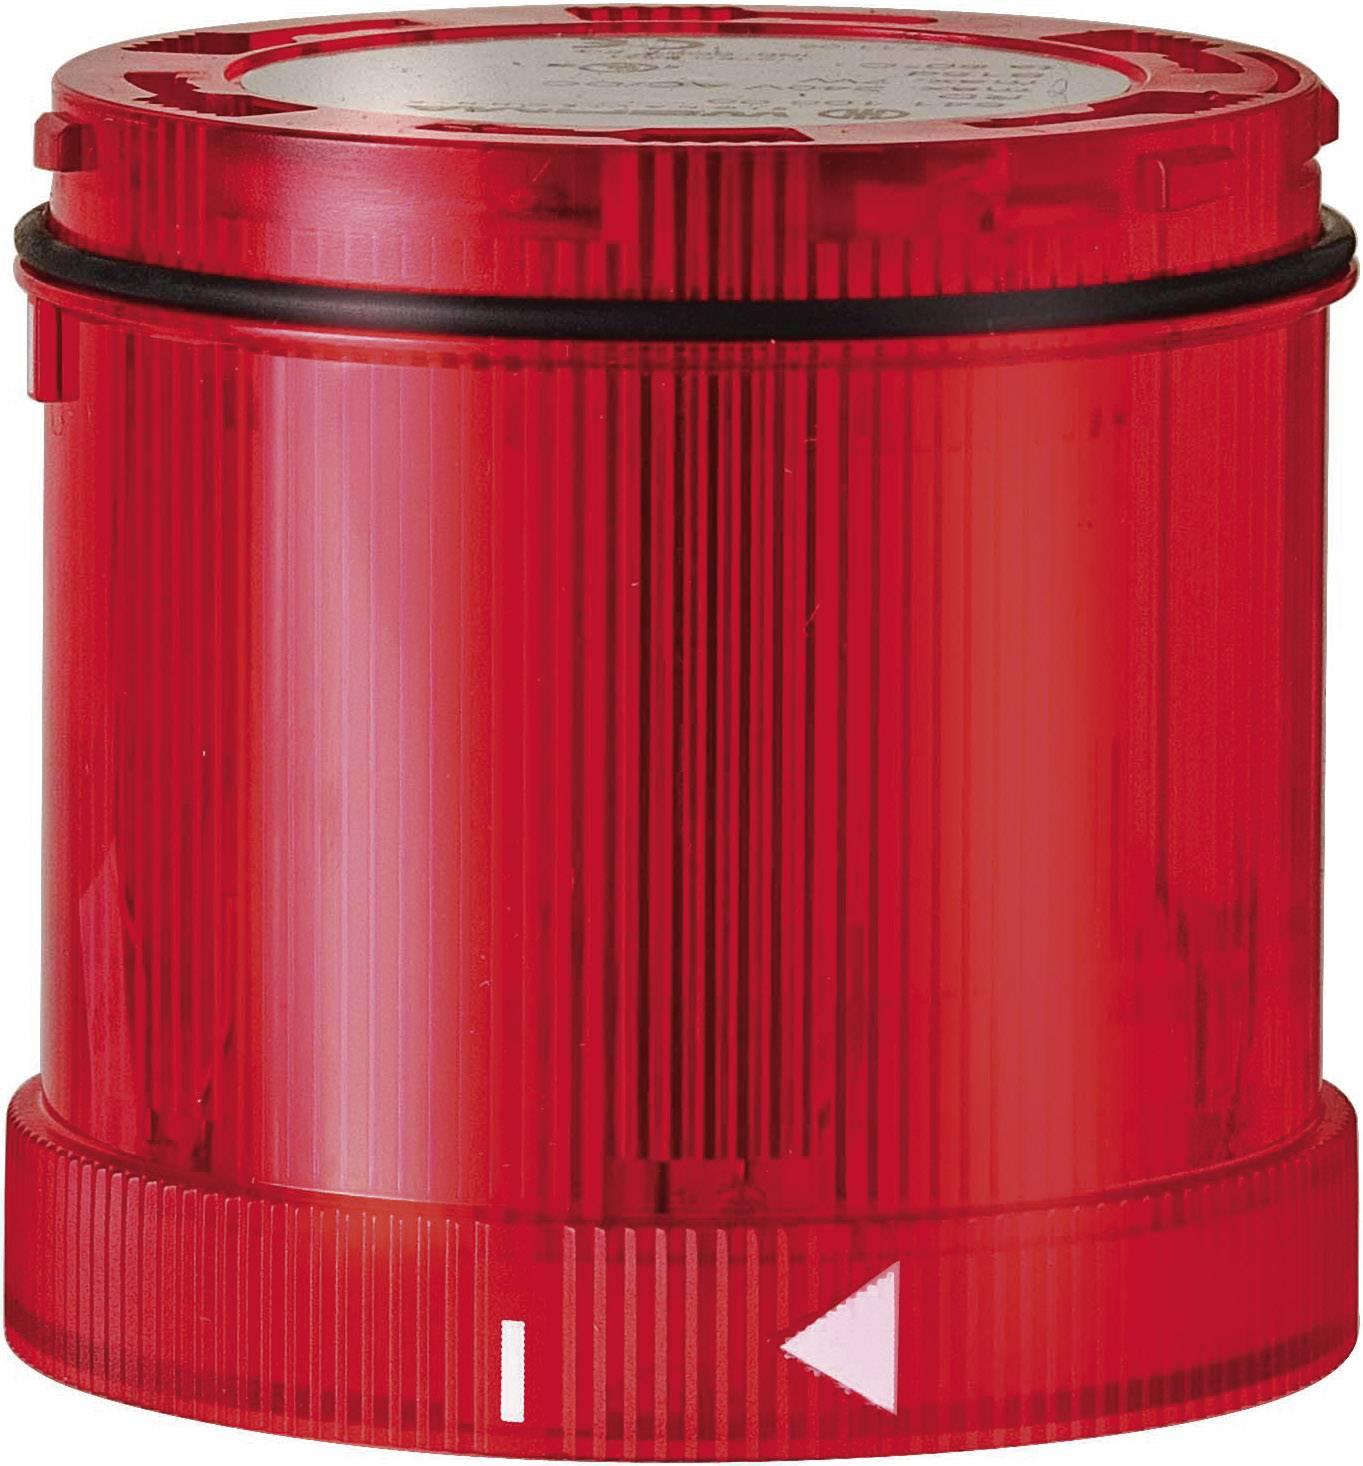 Súčasť signalizačného stĺpika Werma Signaltechnik WERMA KombiSign 71 641.100.00, 12 V/AC, 12 V/DC, 24 V/AC, 24 V/DC, 48 V/AC, 48 V/DC, 110 V/AC, 230 V/AC, trvalé svetlo, červená